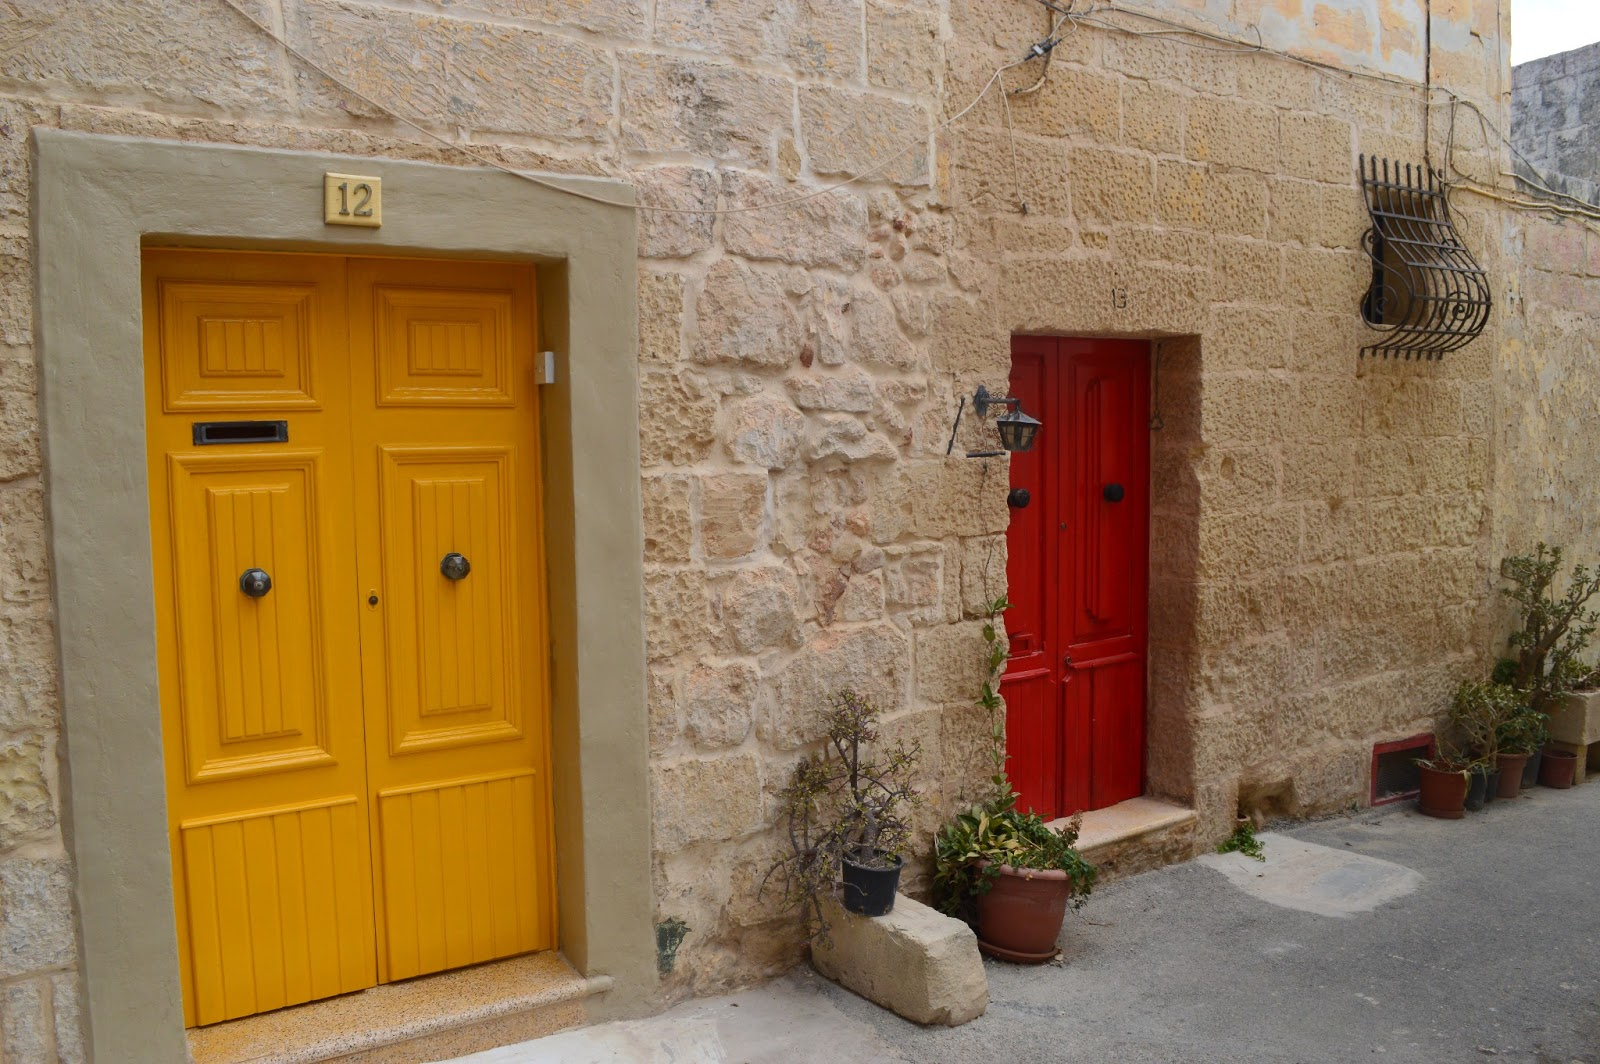 Coloured Doors in Rabat Alley & Coloured Doors in Rabat Alley | SNAPSHOTS OF MALTA pezcame.com